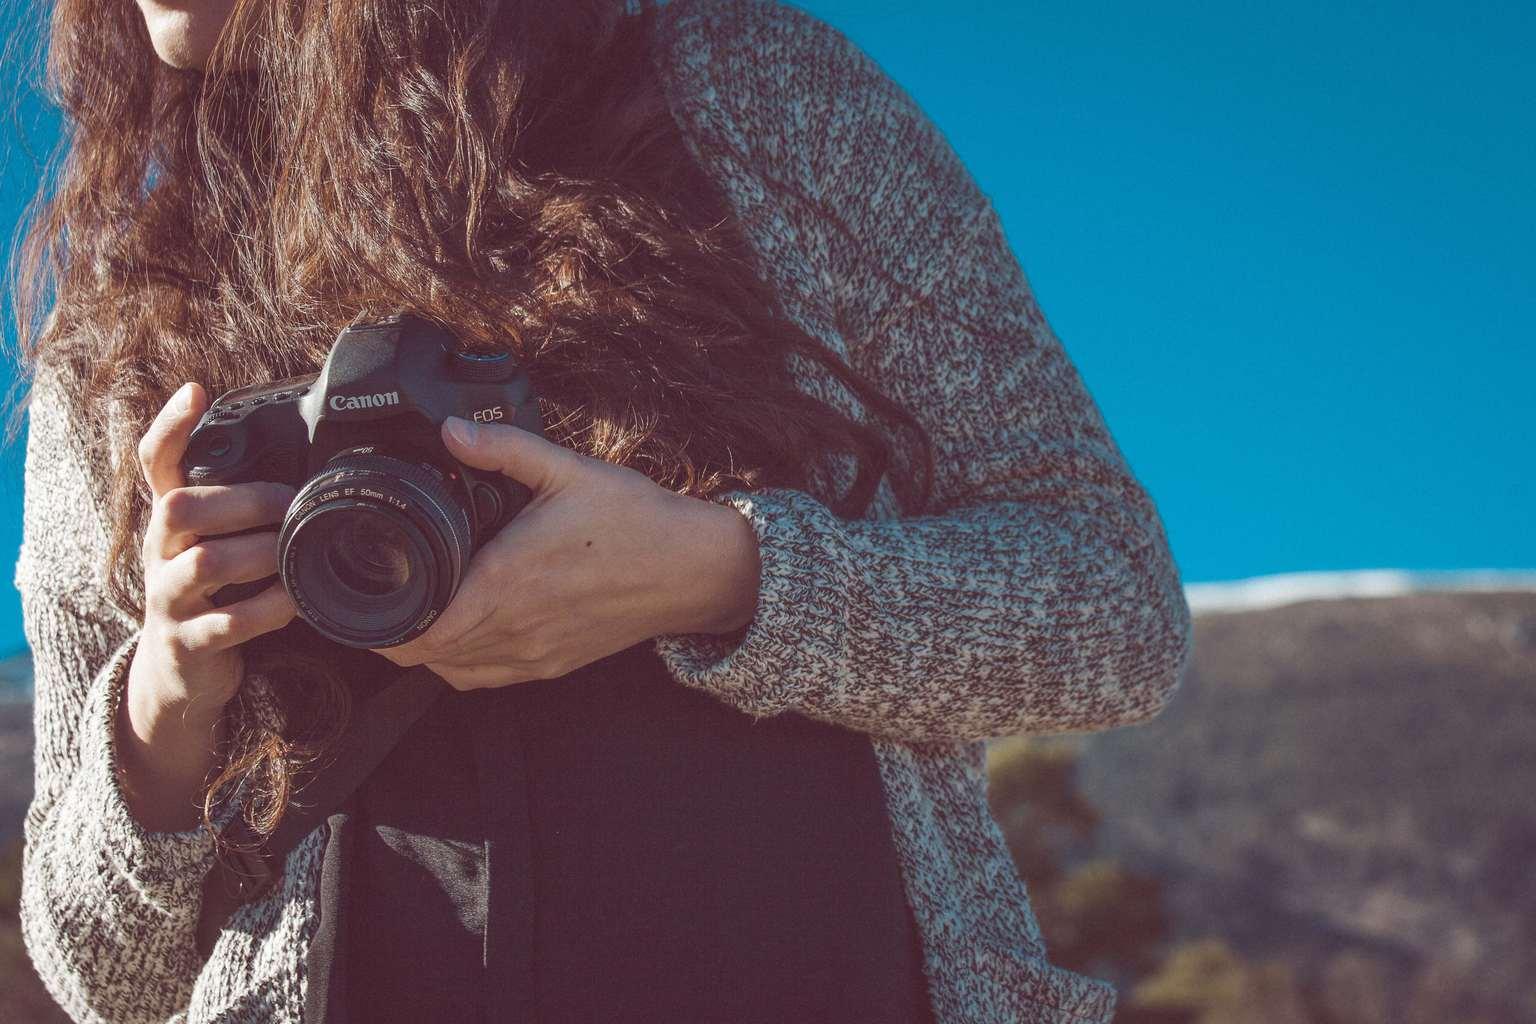 Cámara Canon en manos de fotógrafa